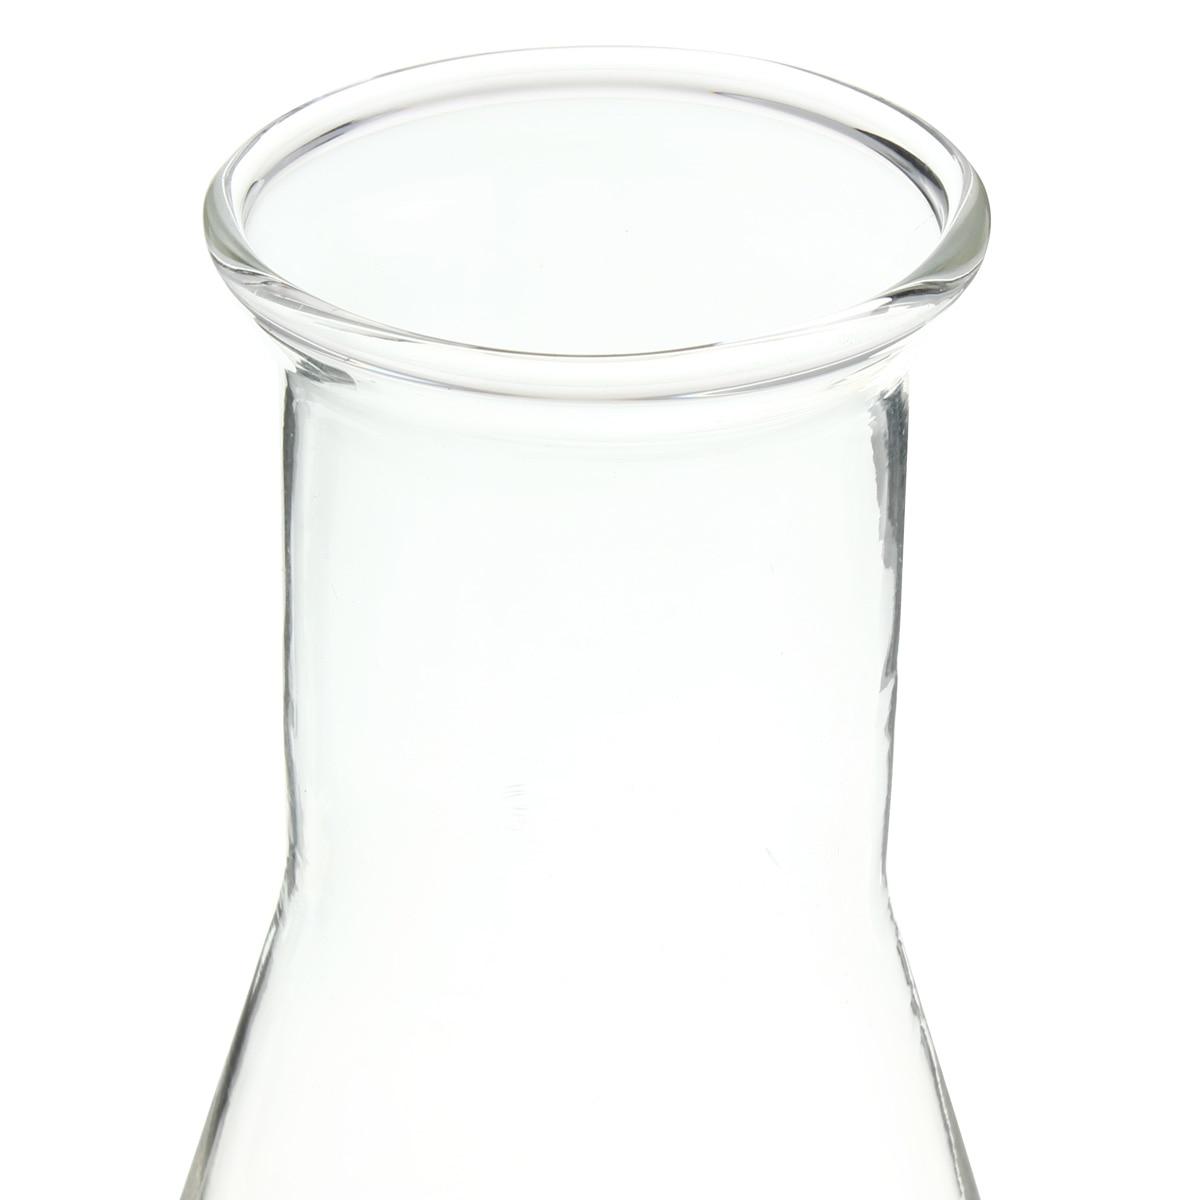 500 мл стеклянная колба Erlenmeyer суставы для цепочек 24/29 лабораторные треугольные колбы